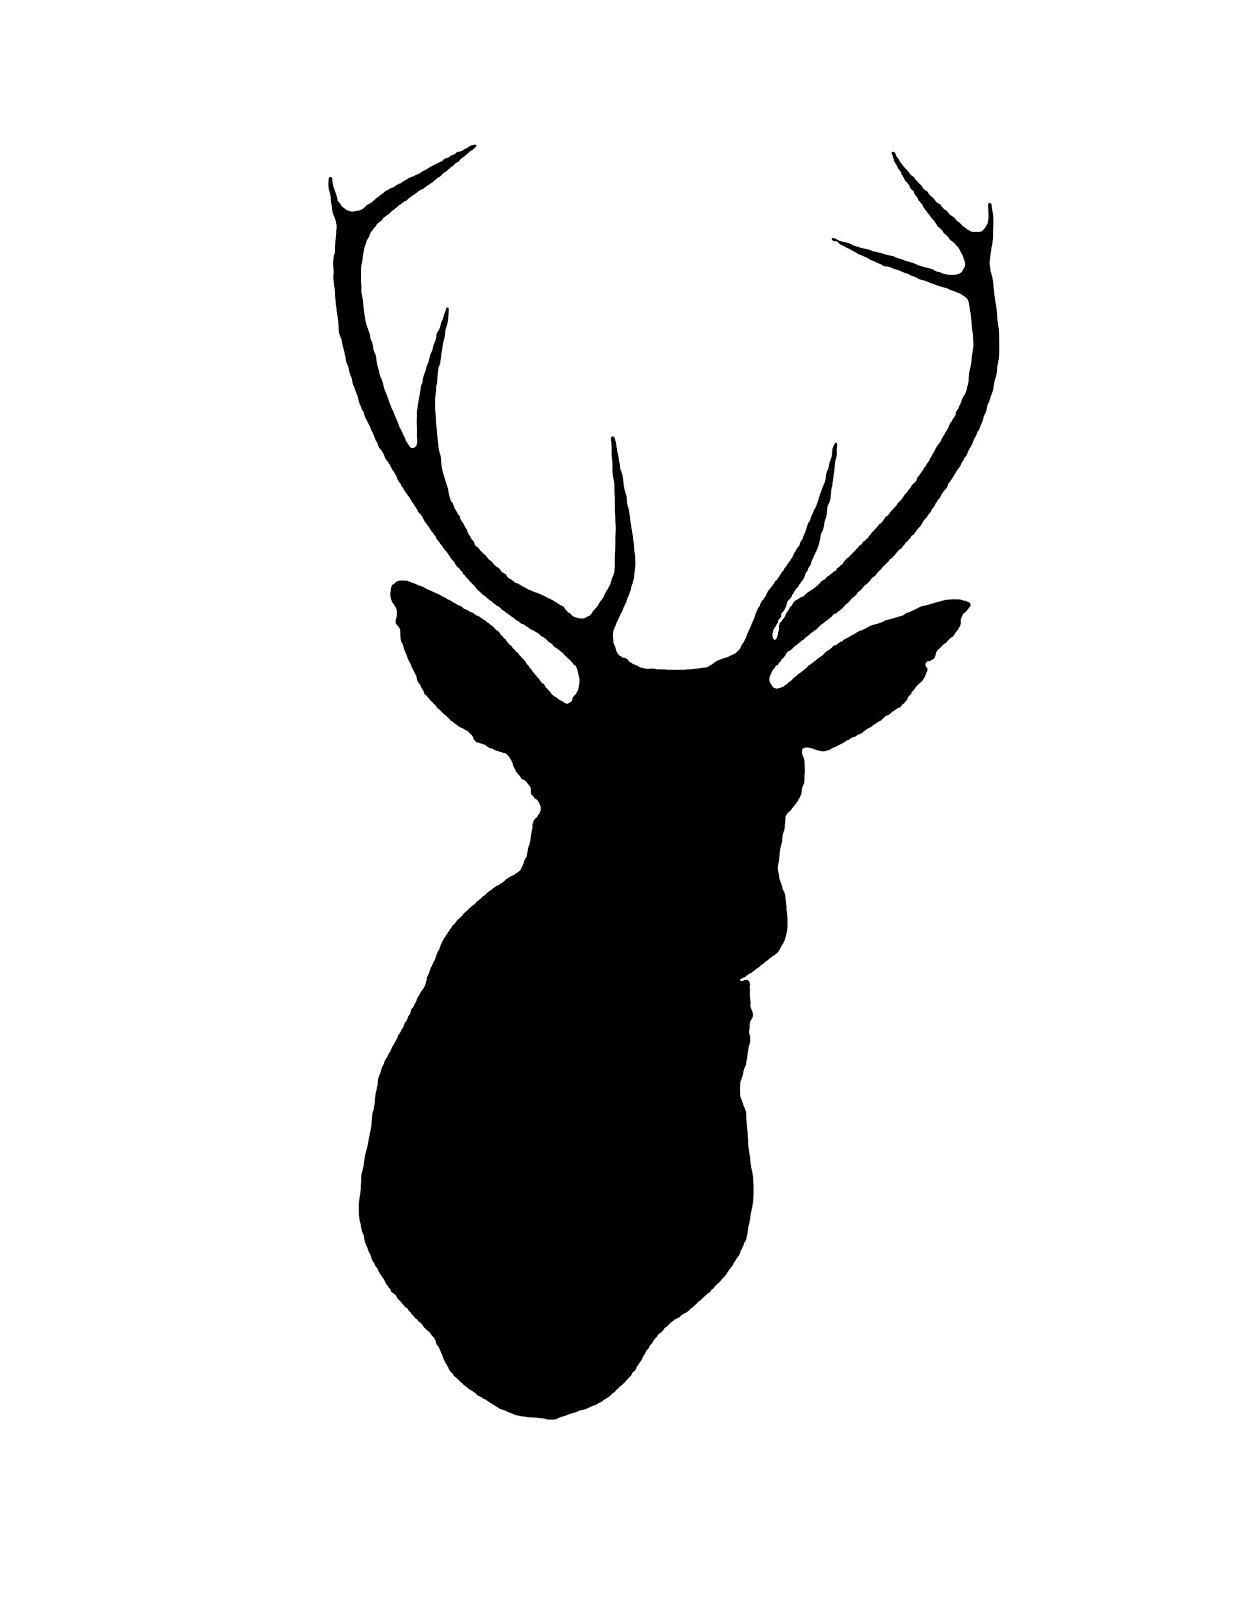 1236x1600 Deer Head Silhouette Drawing